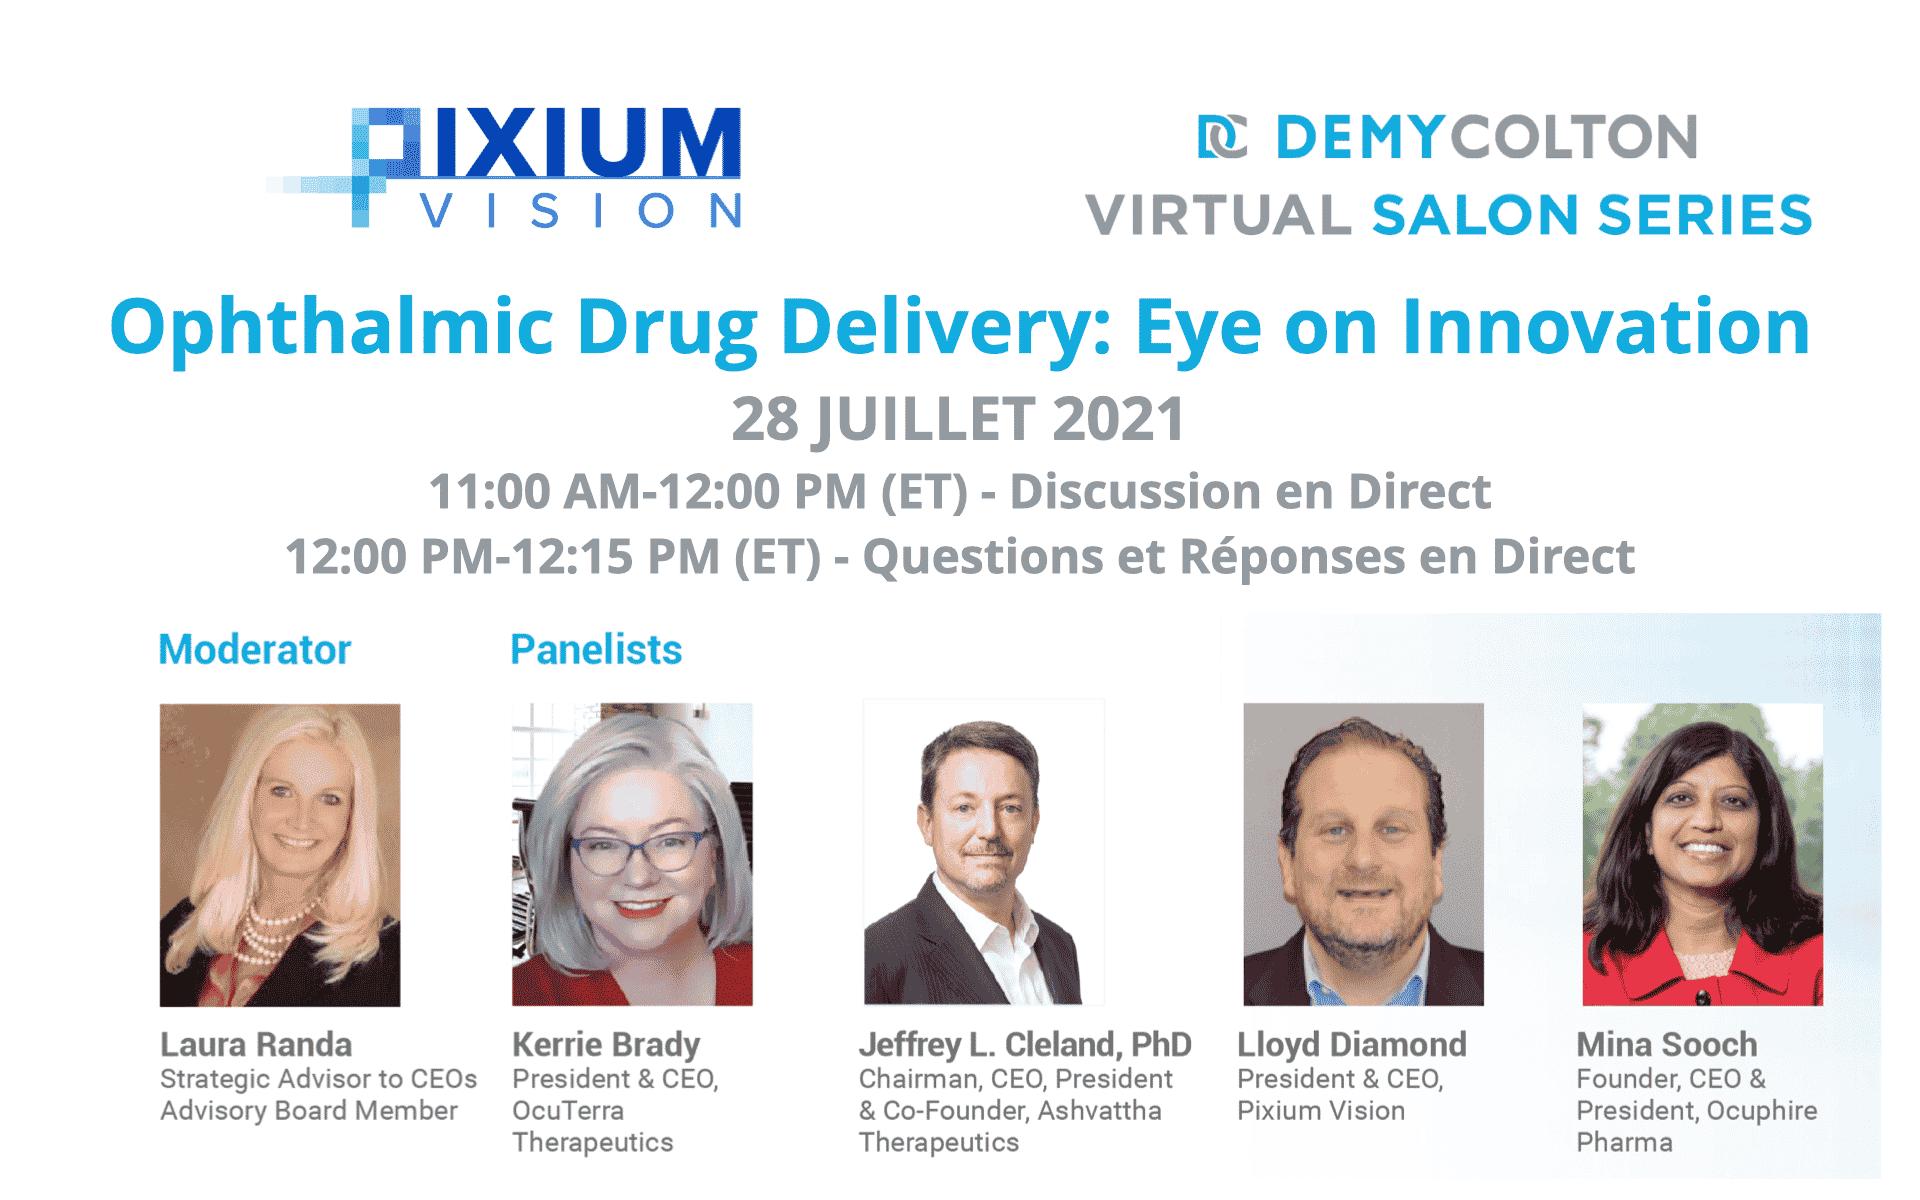 Ophthalmic Drug Delivery: Eye on Innovation 28 juillet 2021